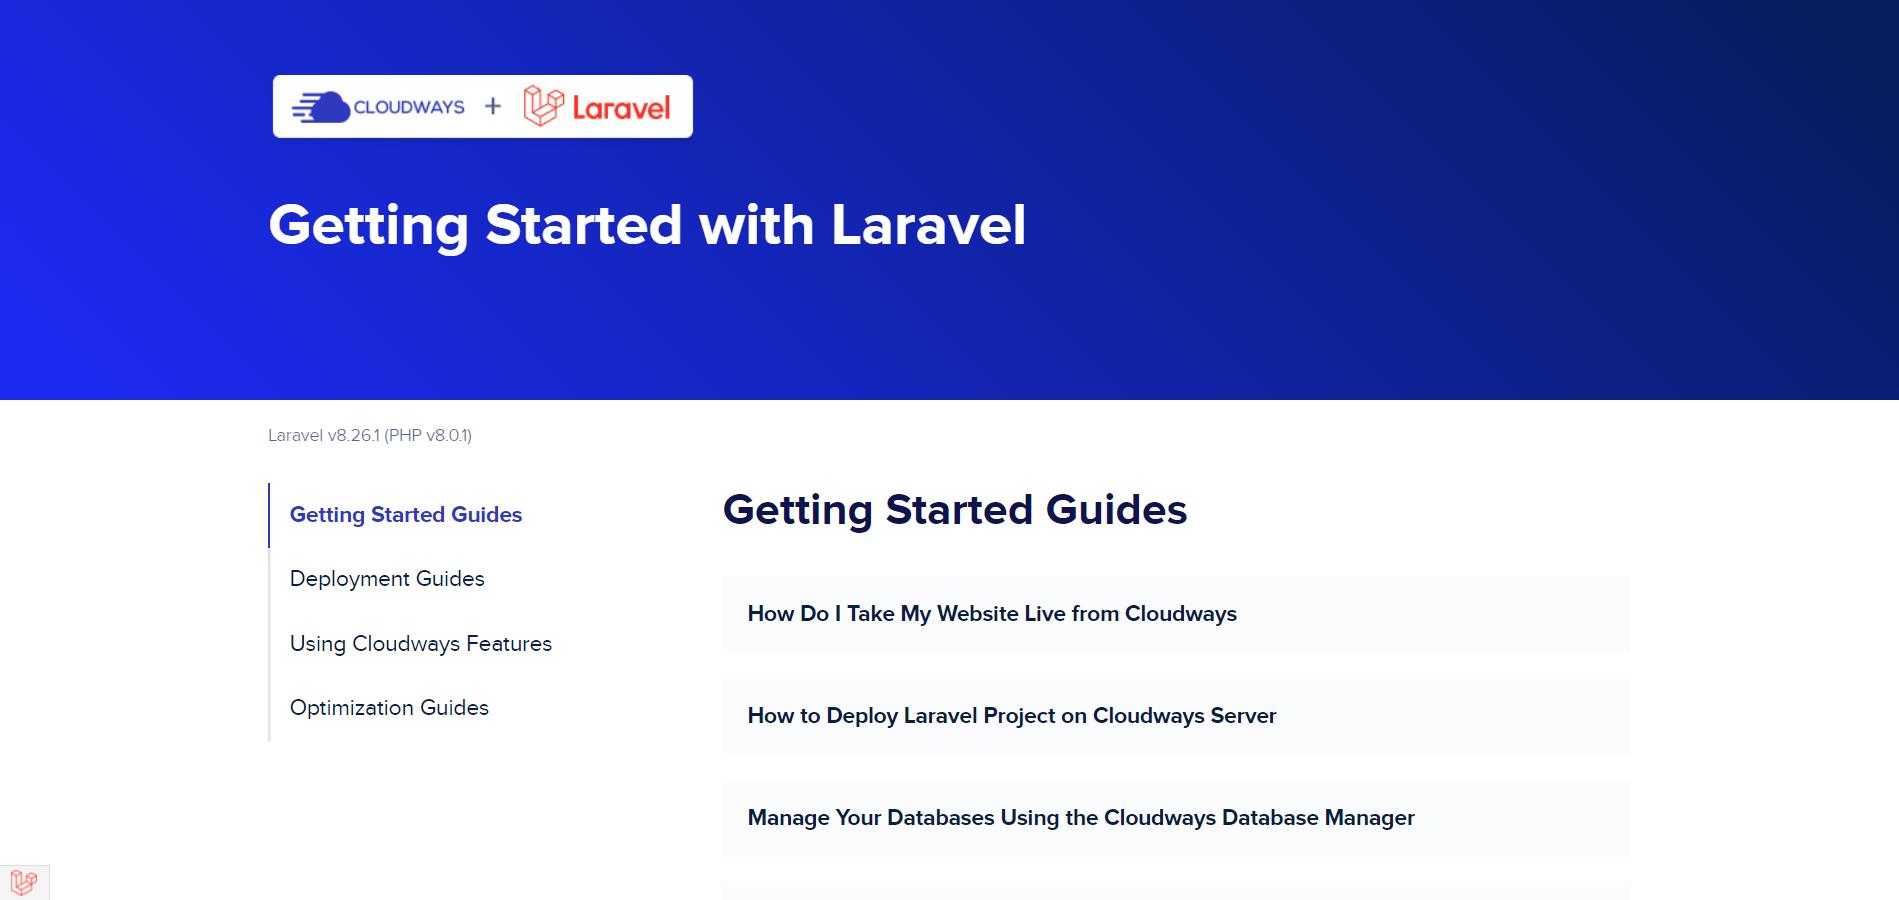 laravel-cloudways